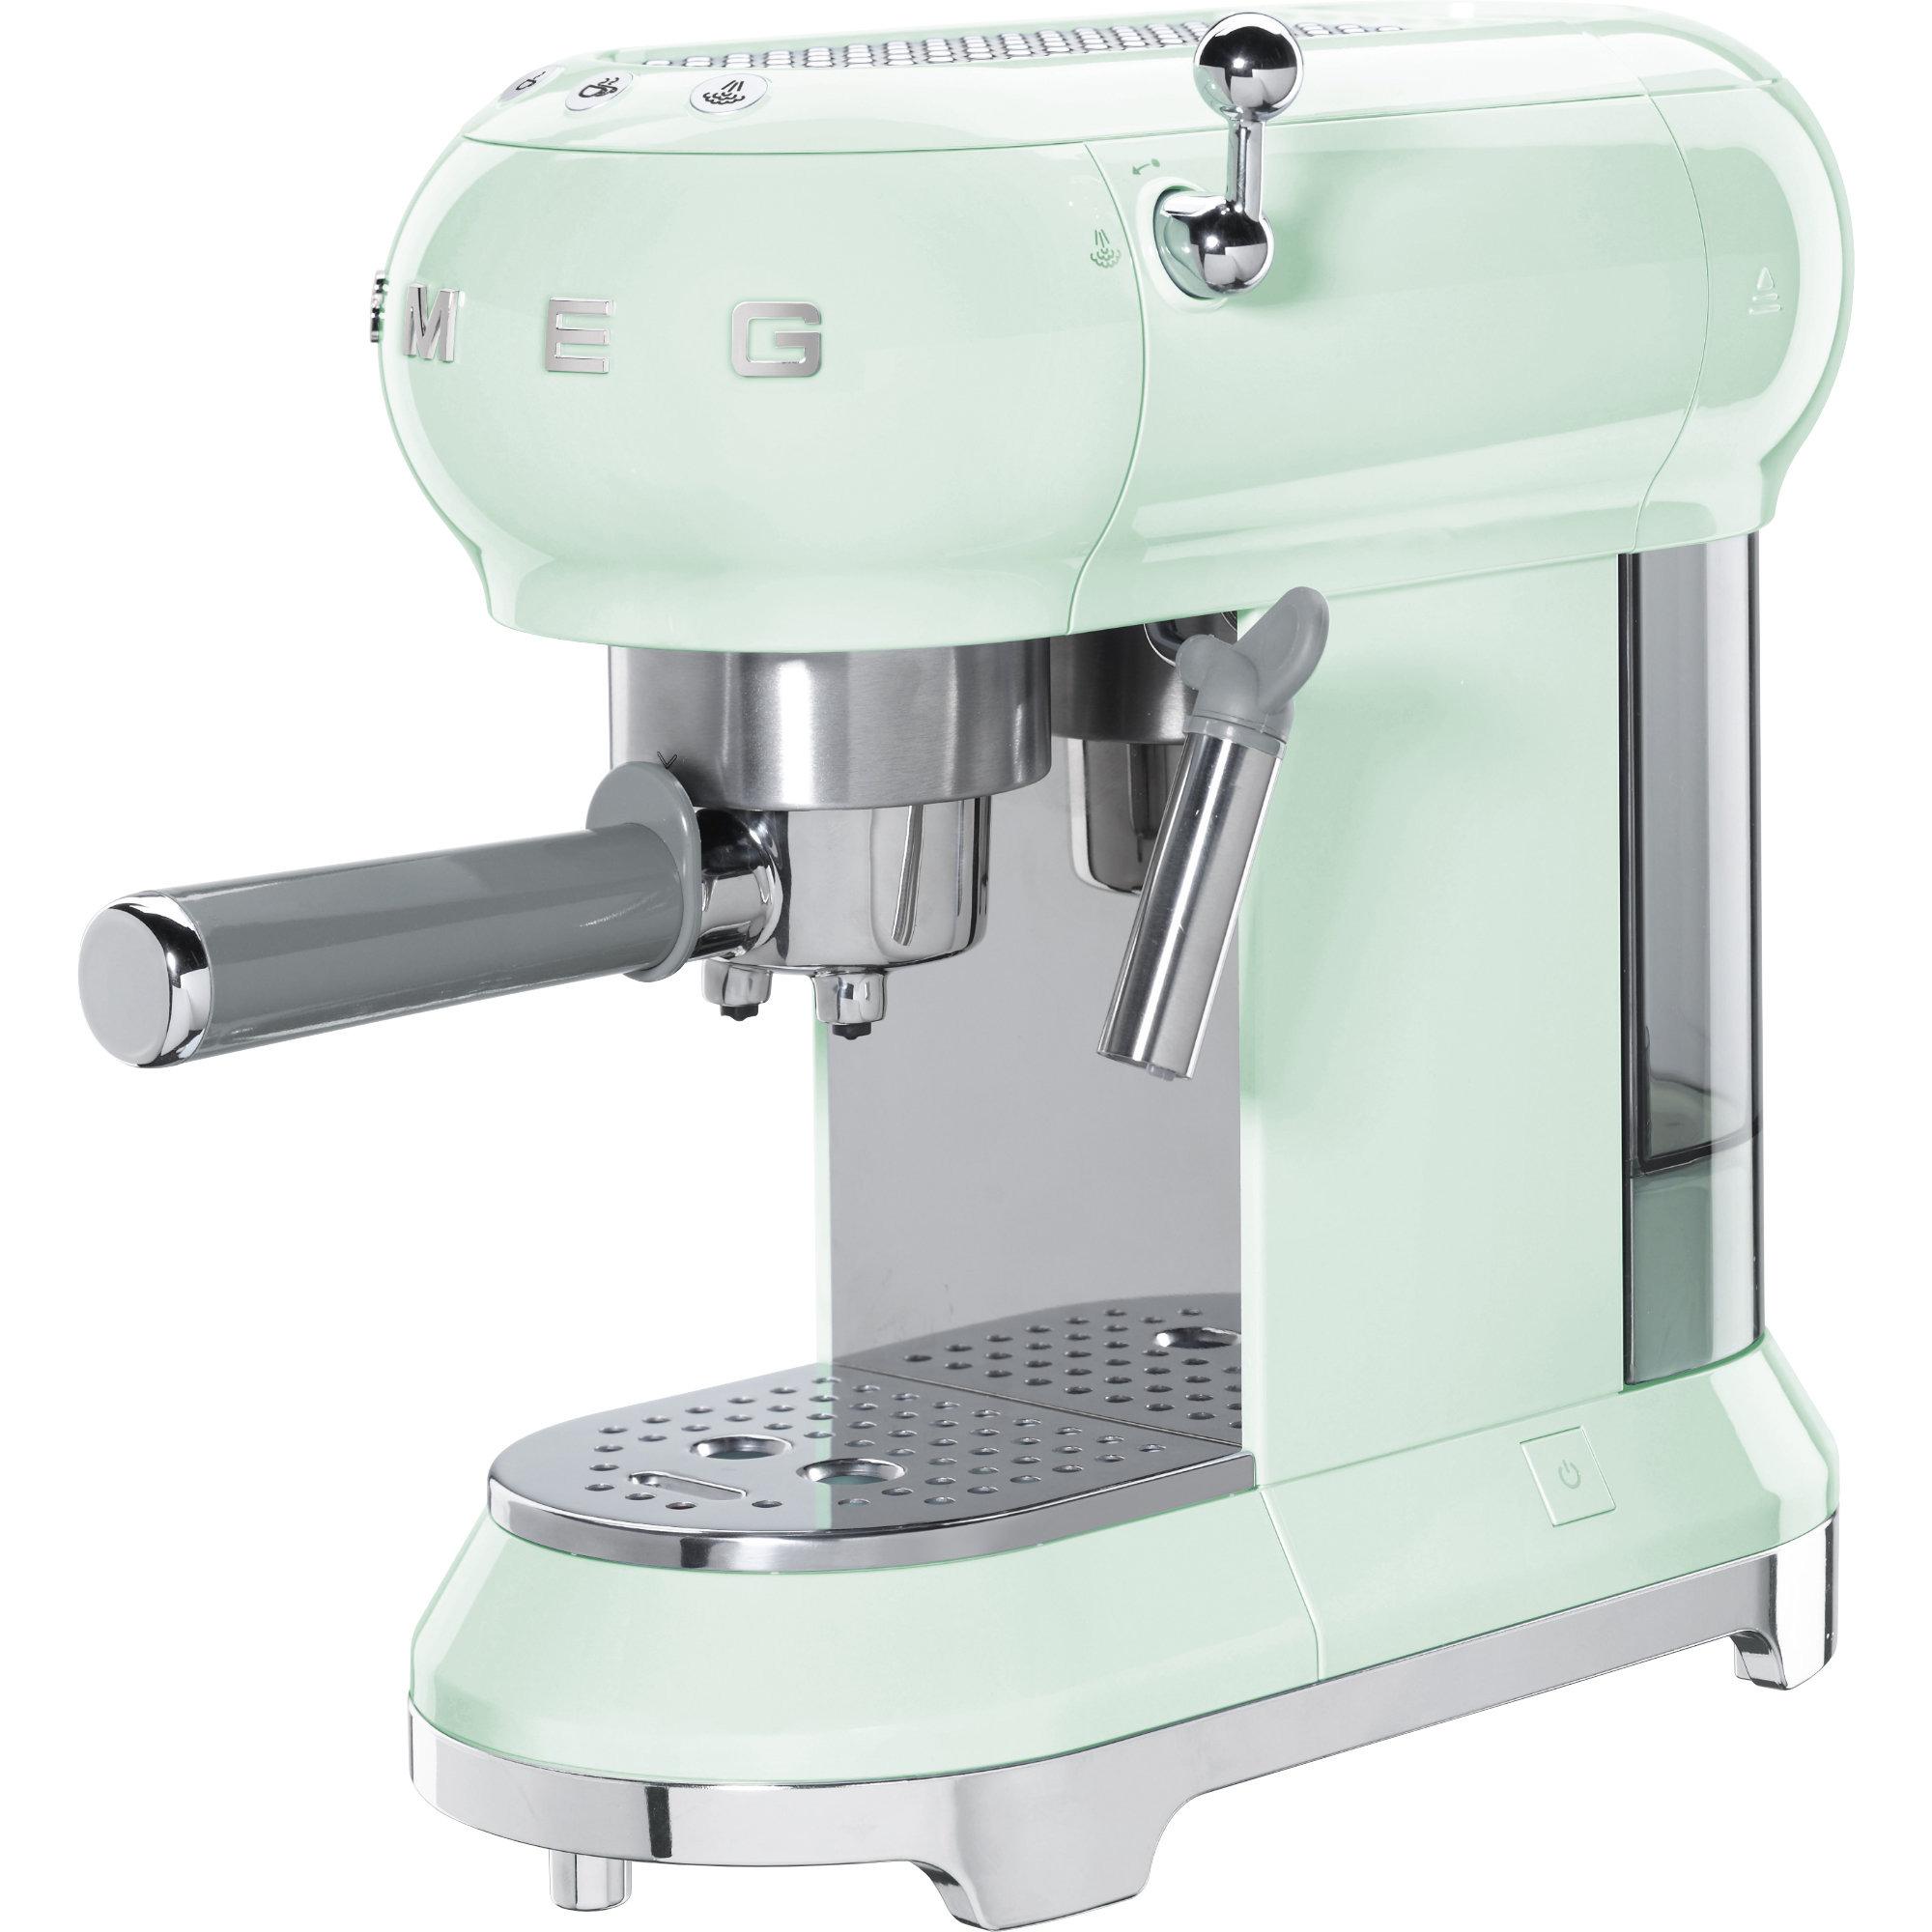 Smeg Espressomaskin 50-tals stil pastellgrön